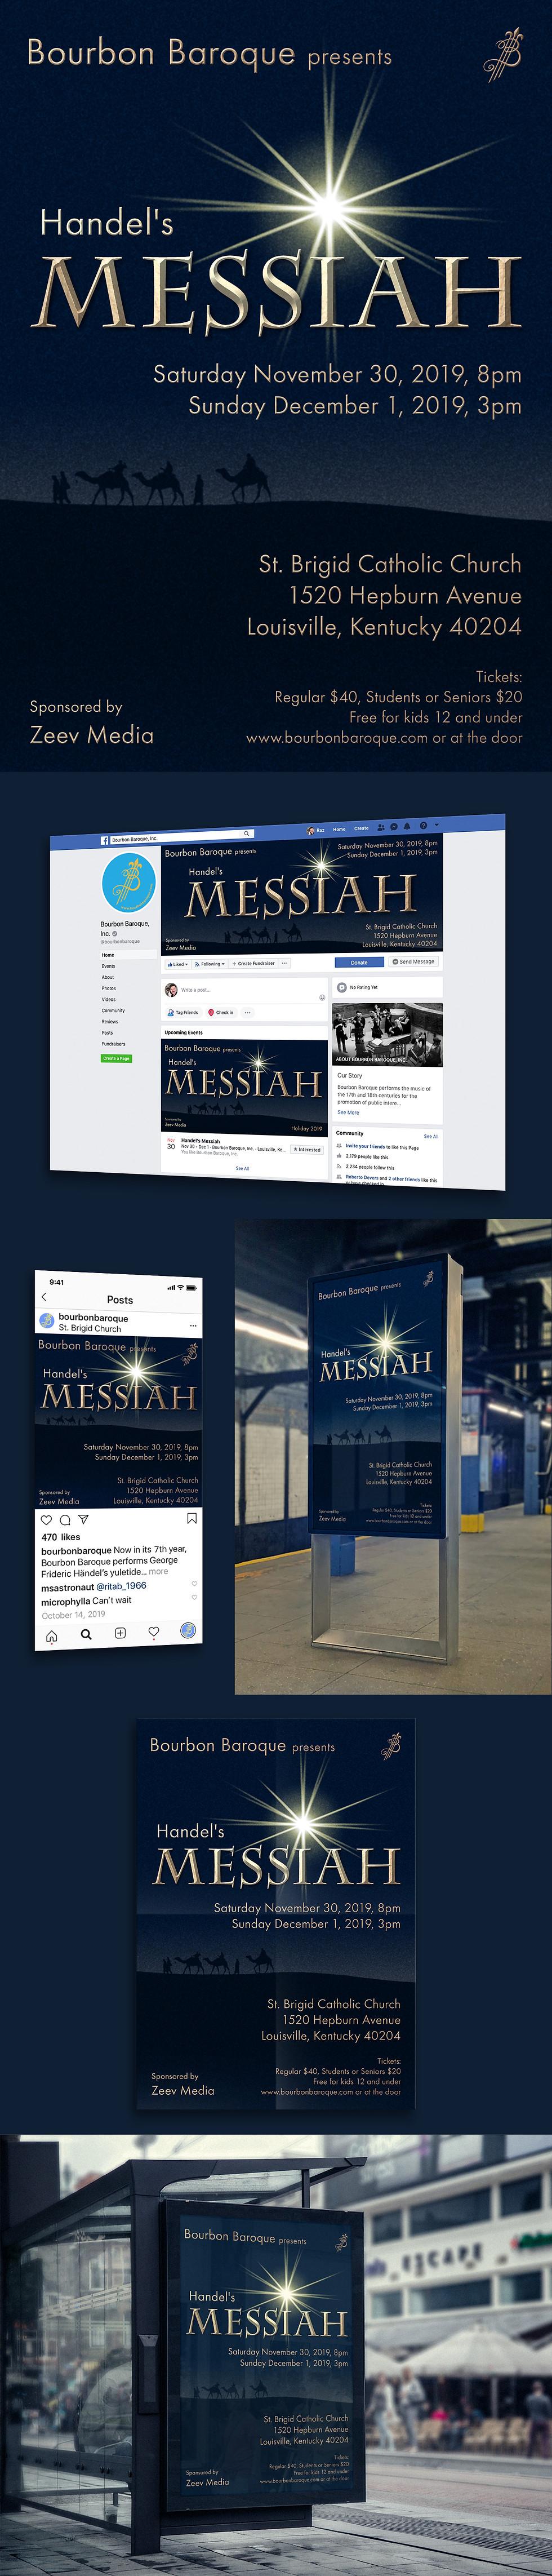 Messiah v. 2019